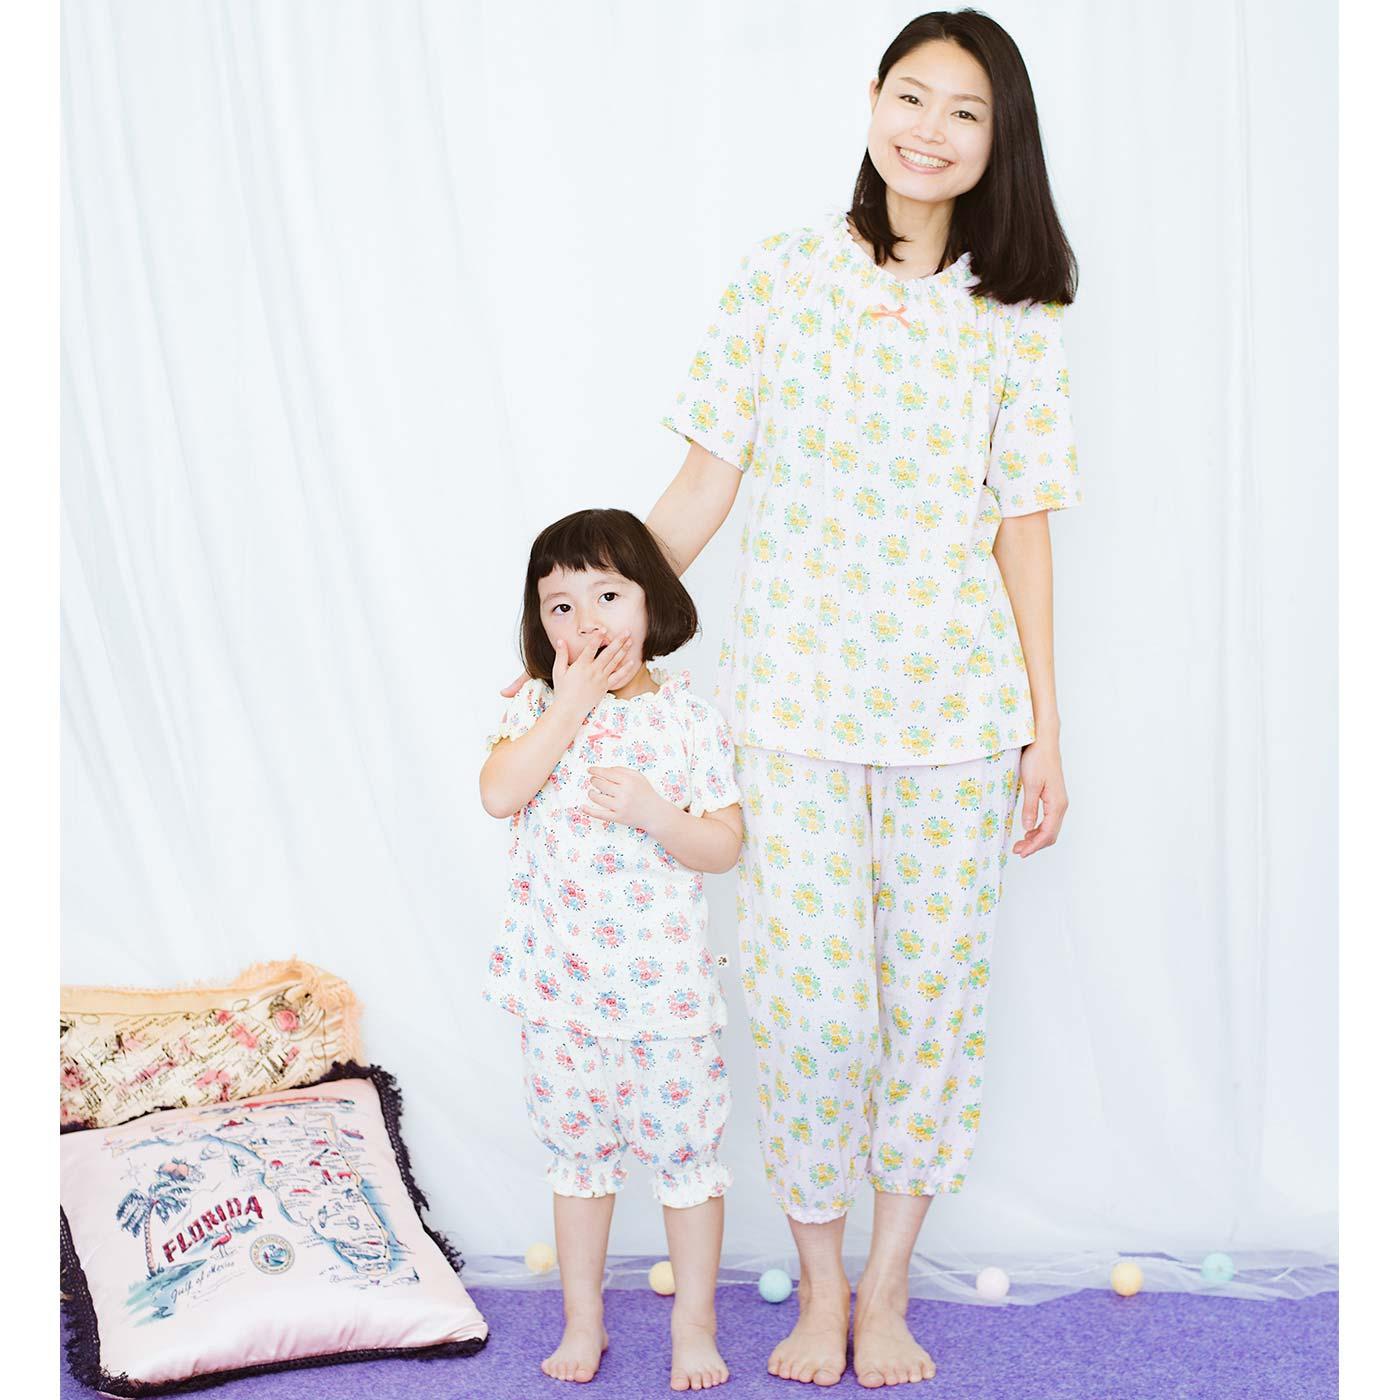 同じ柄のレディースパジャマで親子おそろい。